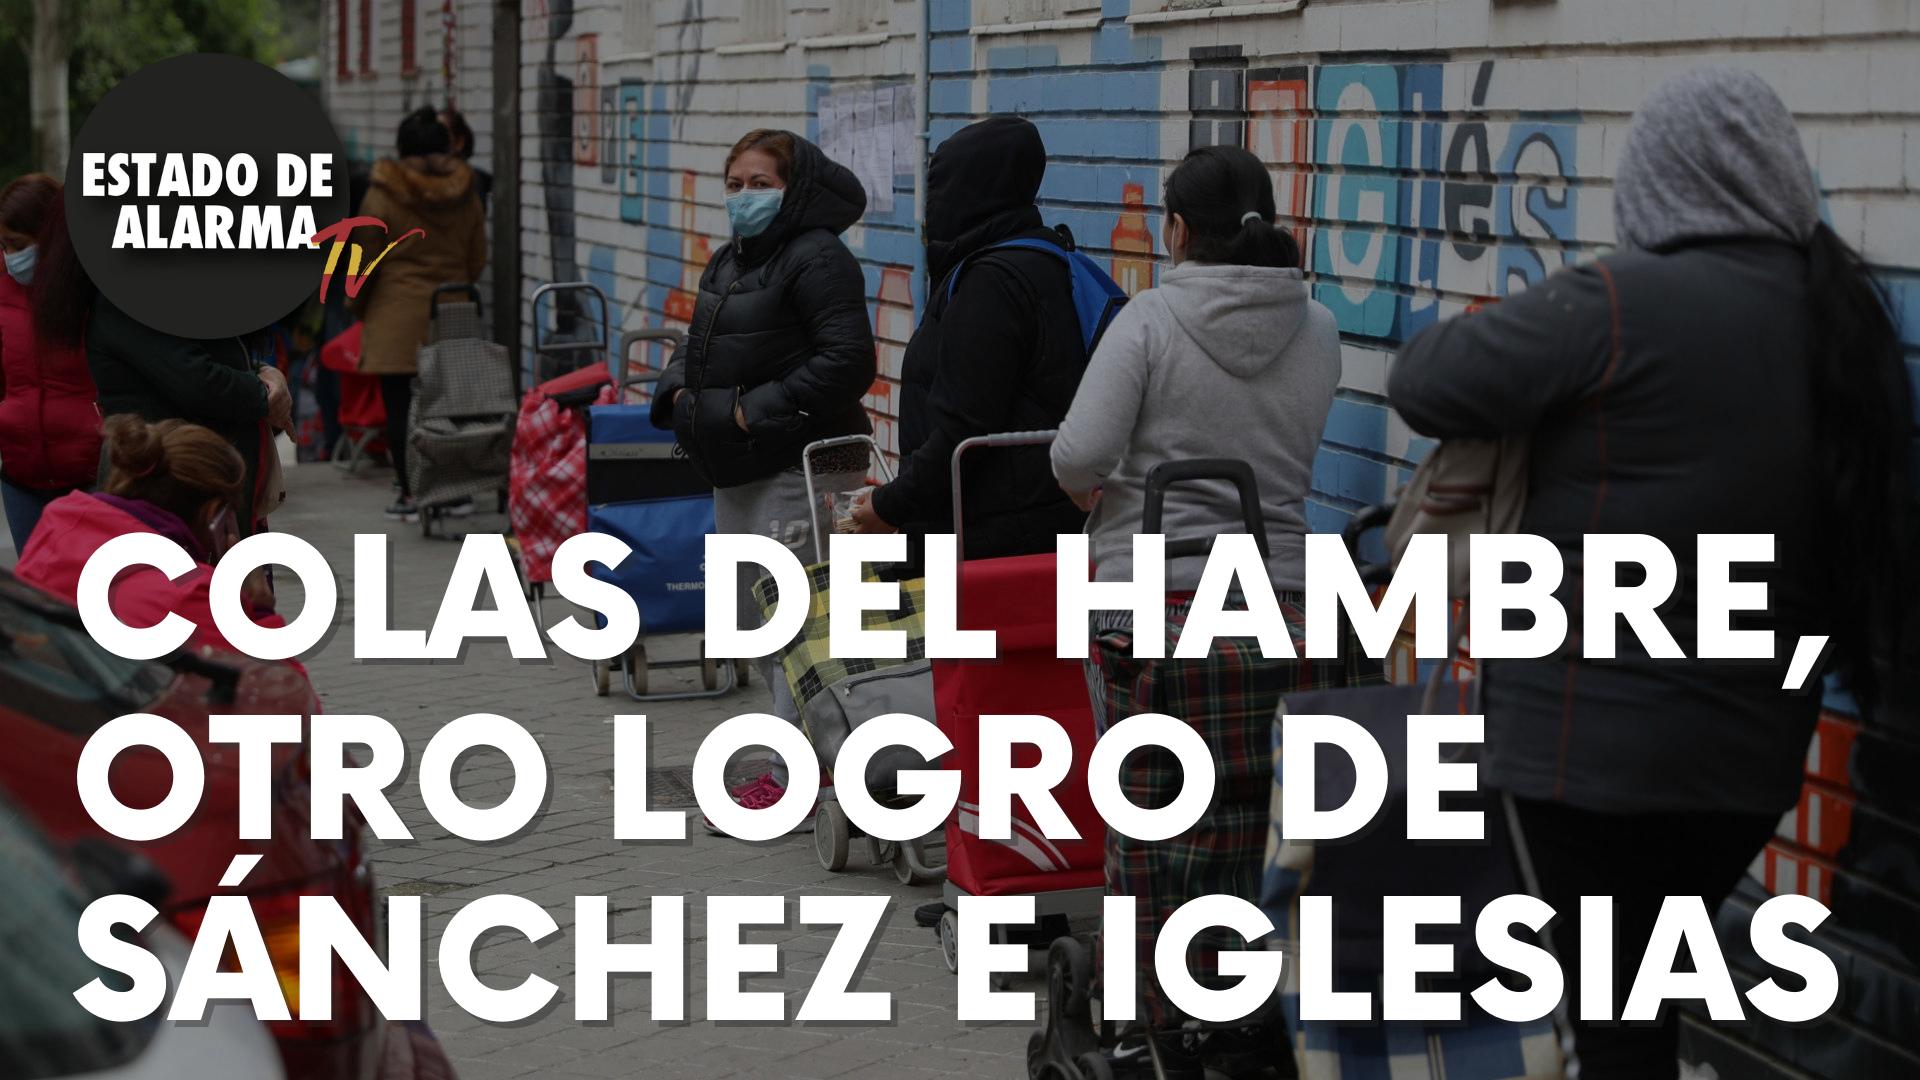 Las colas del hambre, otro logro de Sánchez e Iglesias